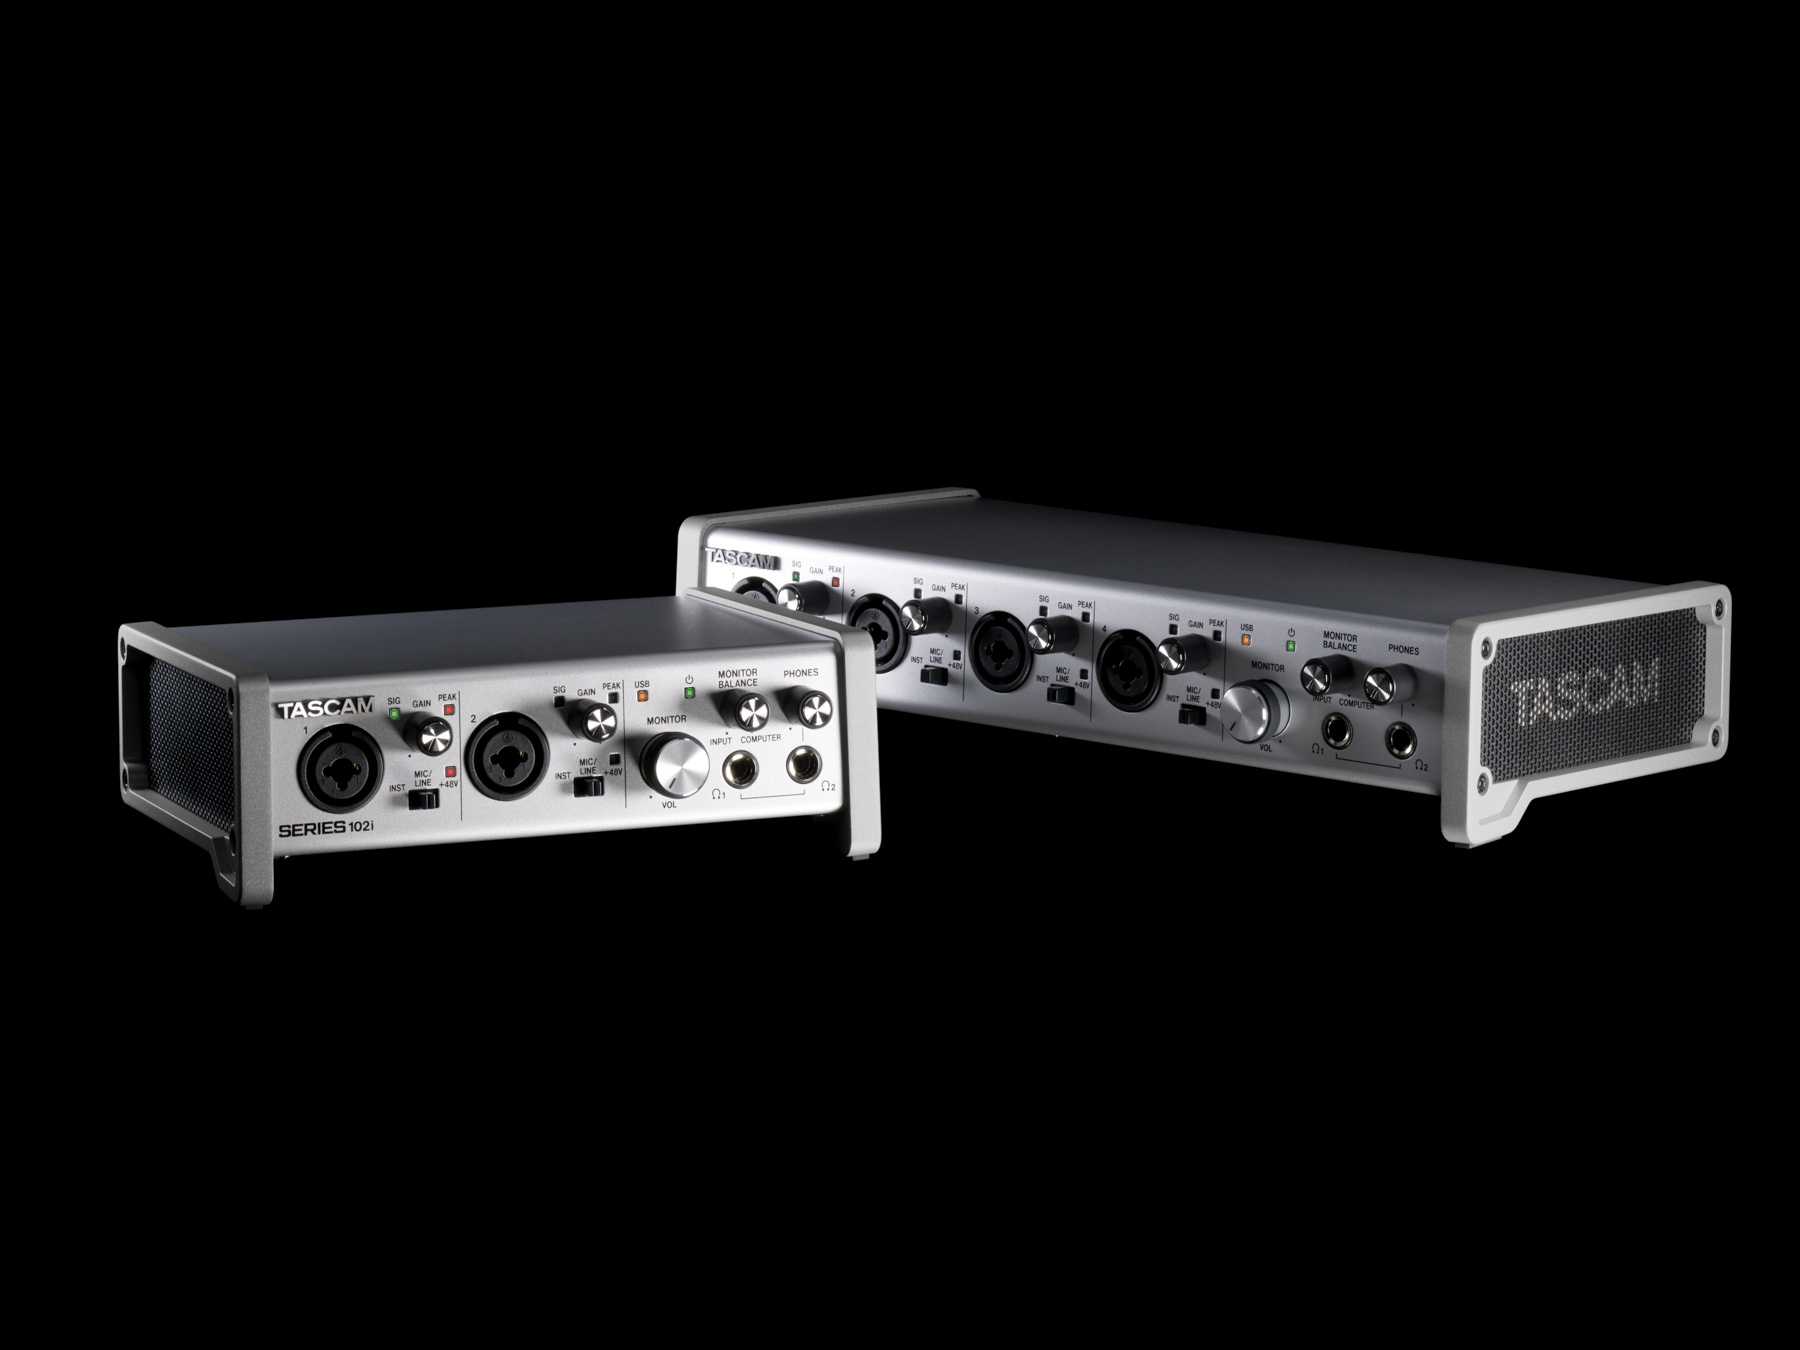 News: Tascam zeigt neue USB-Audiointerfaces und Taschenrecorder